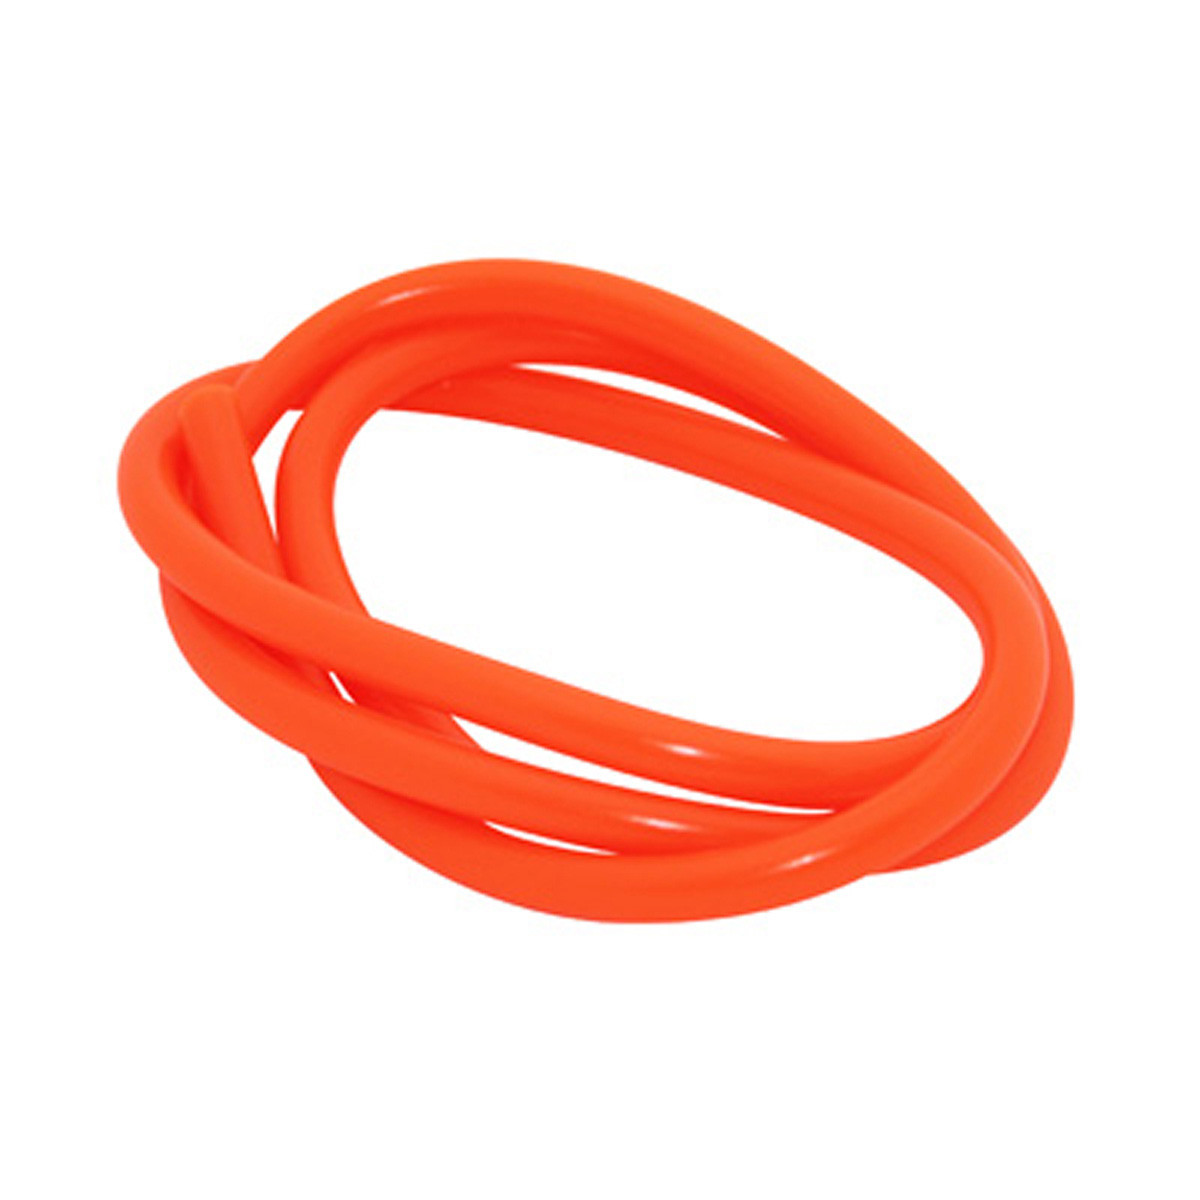 Durite essence - Diamètre 5mm Orange Fluo